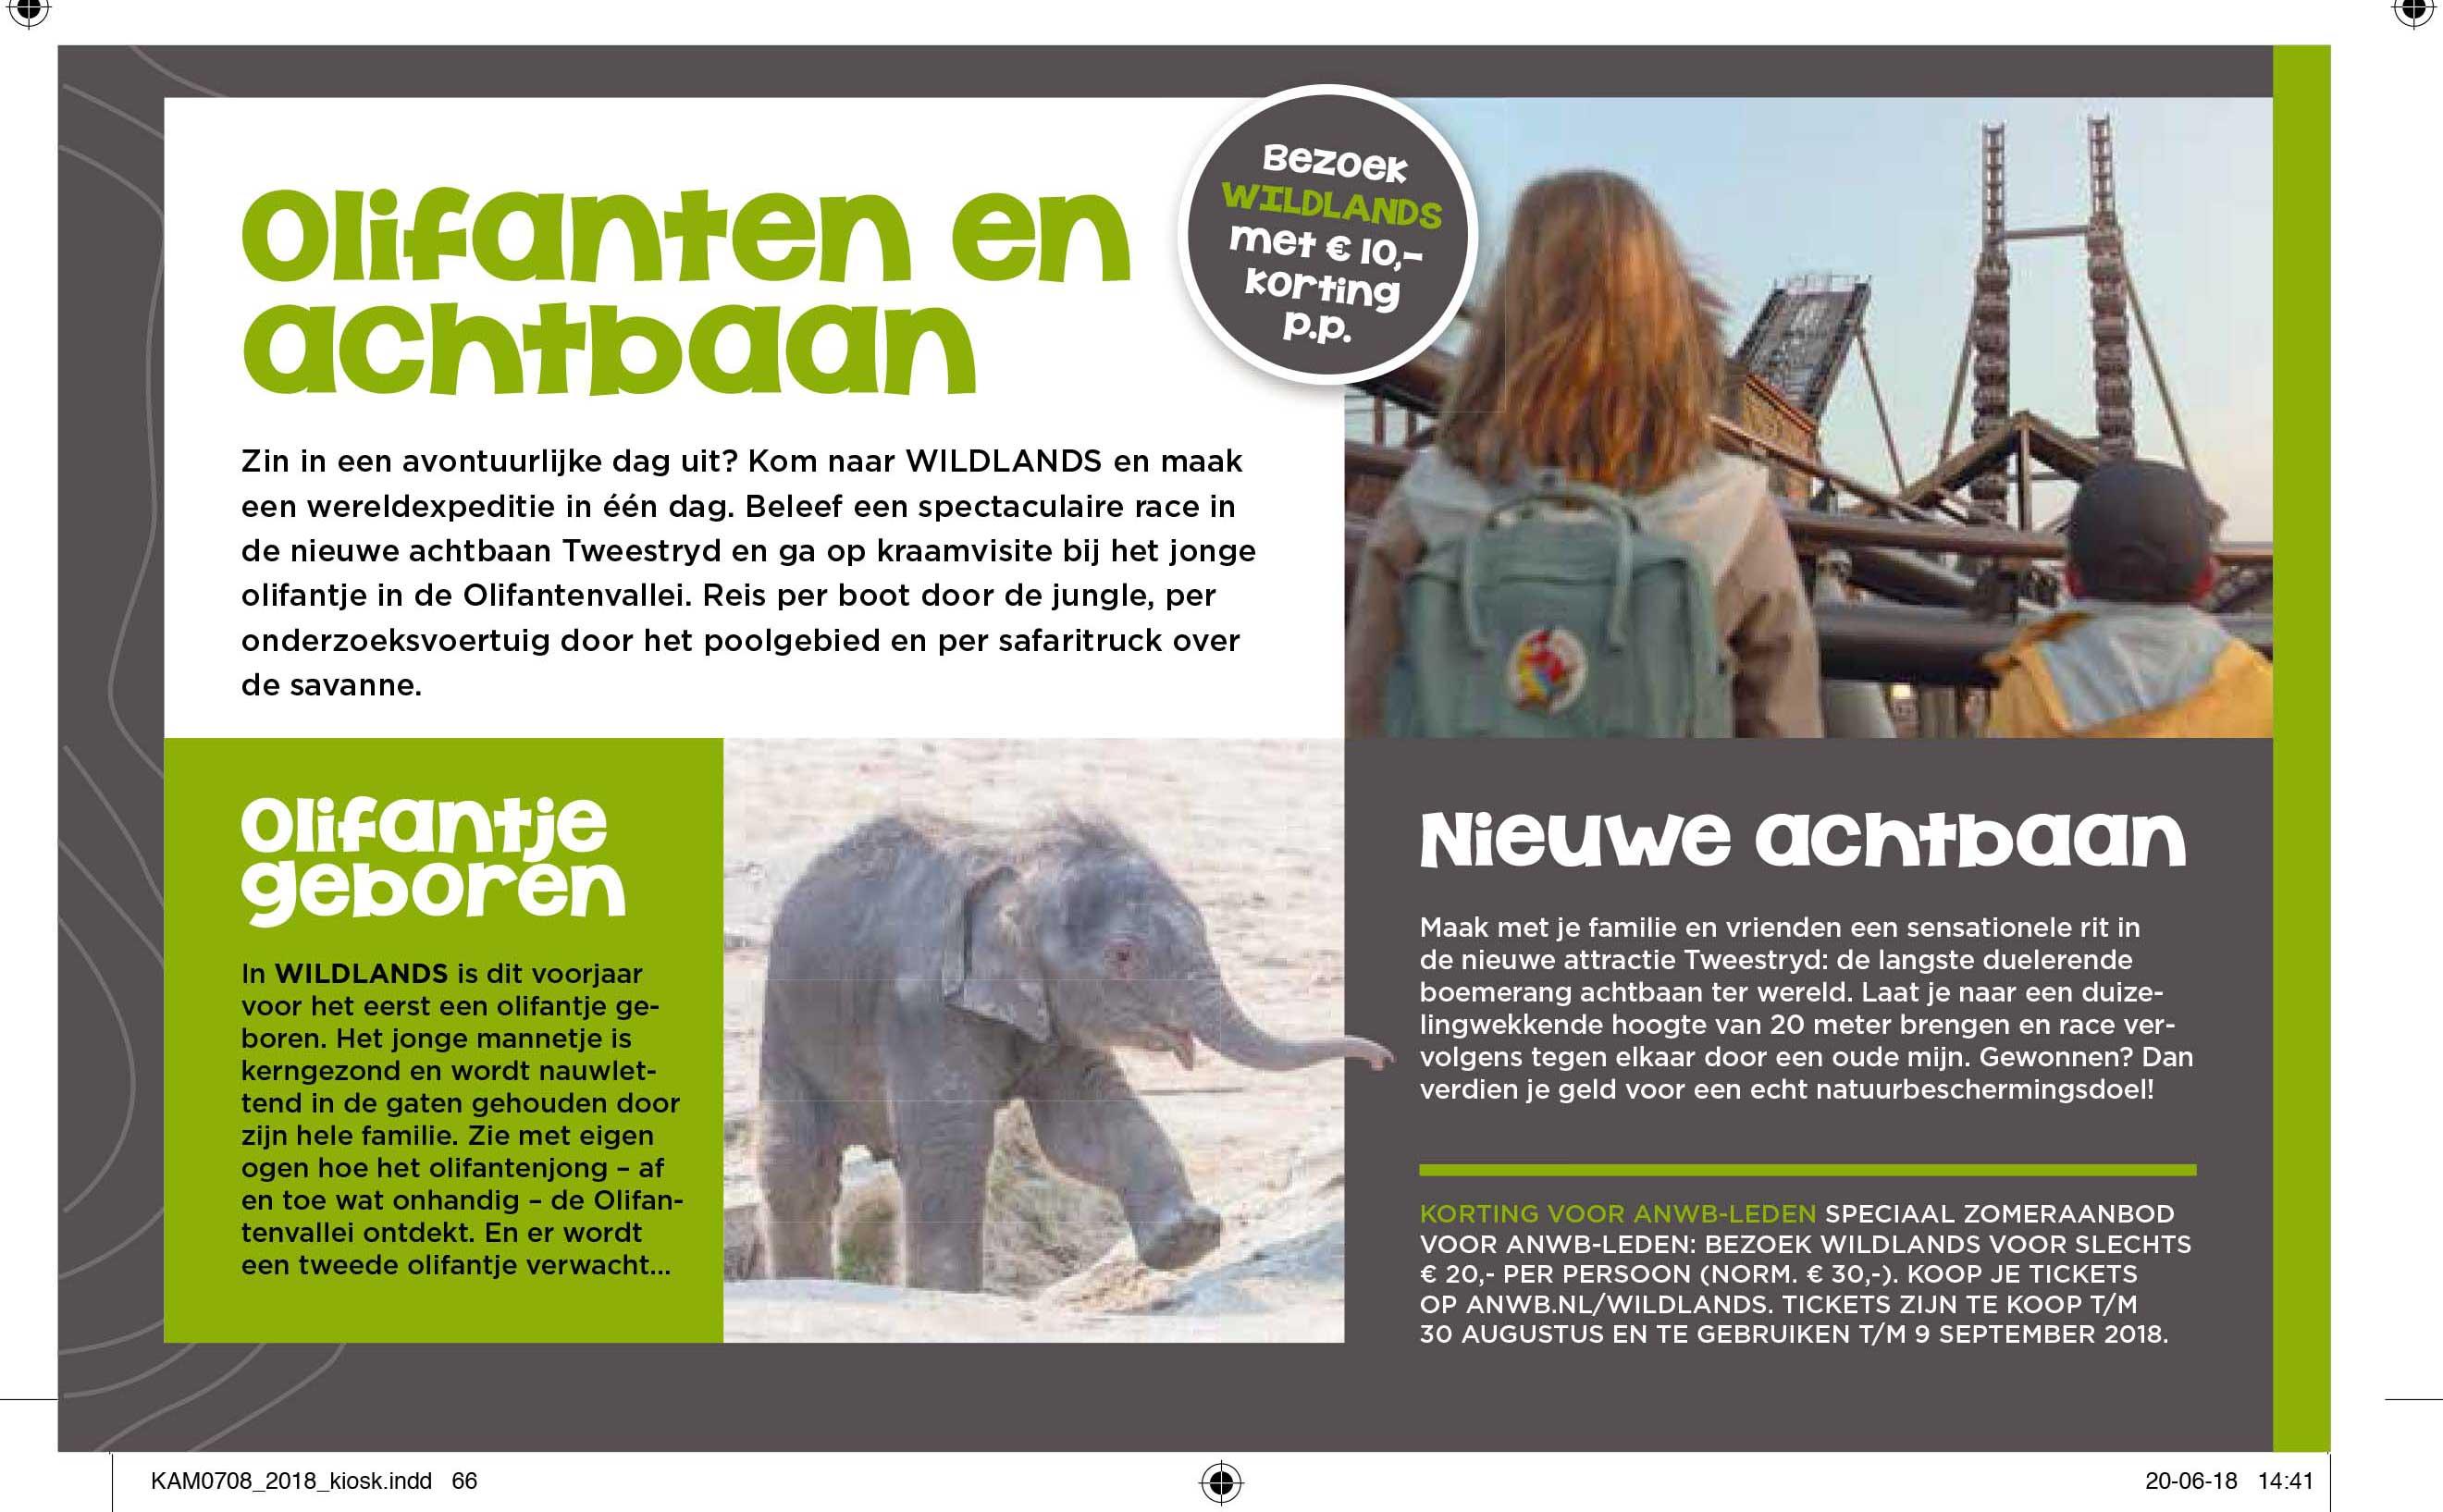 ANWB Bezoek Wildlands Met €10,- Korting P.p.